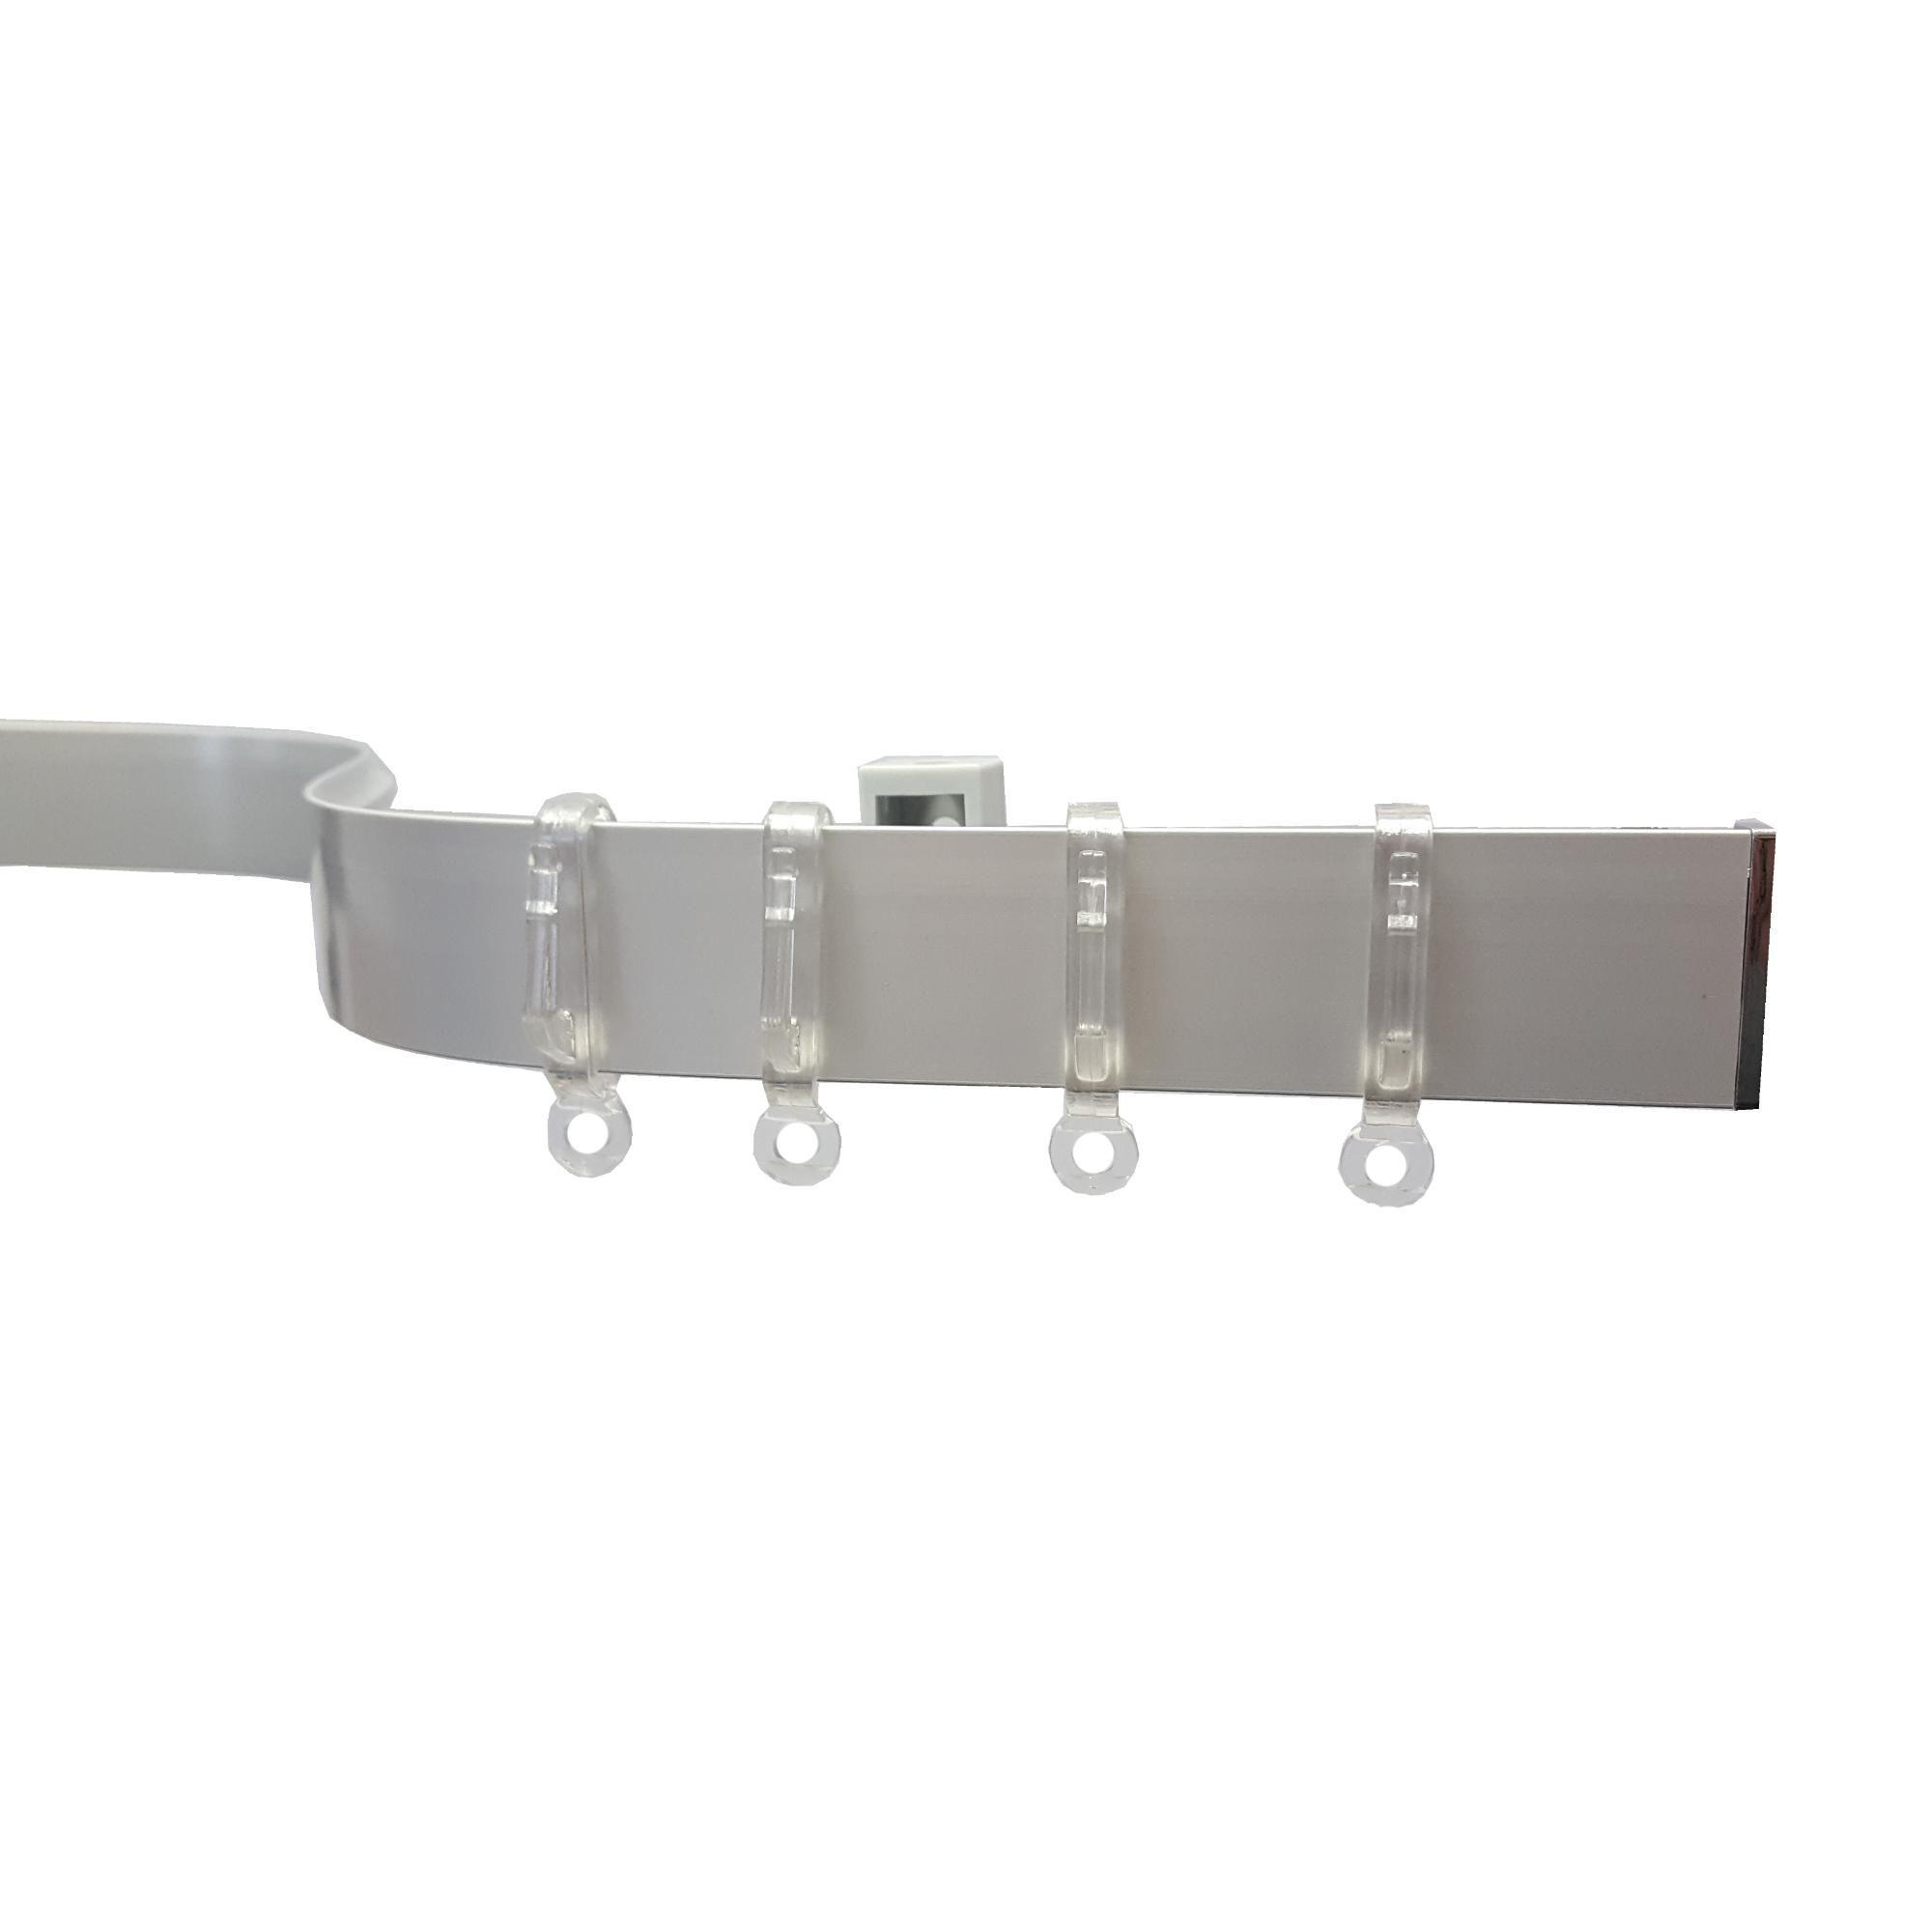 CURTAIN TRACK GLIDERS Hanging Ceiling Eyelet Drape Hanger Slider Sliding Eye UK